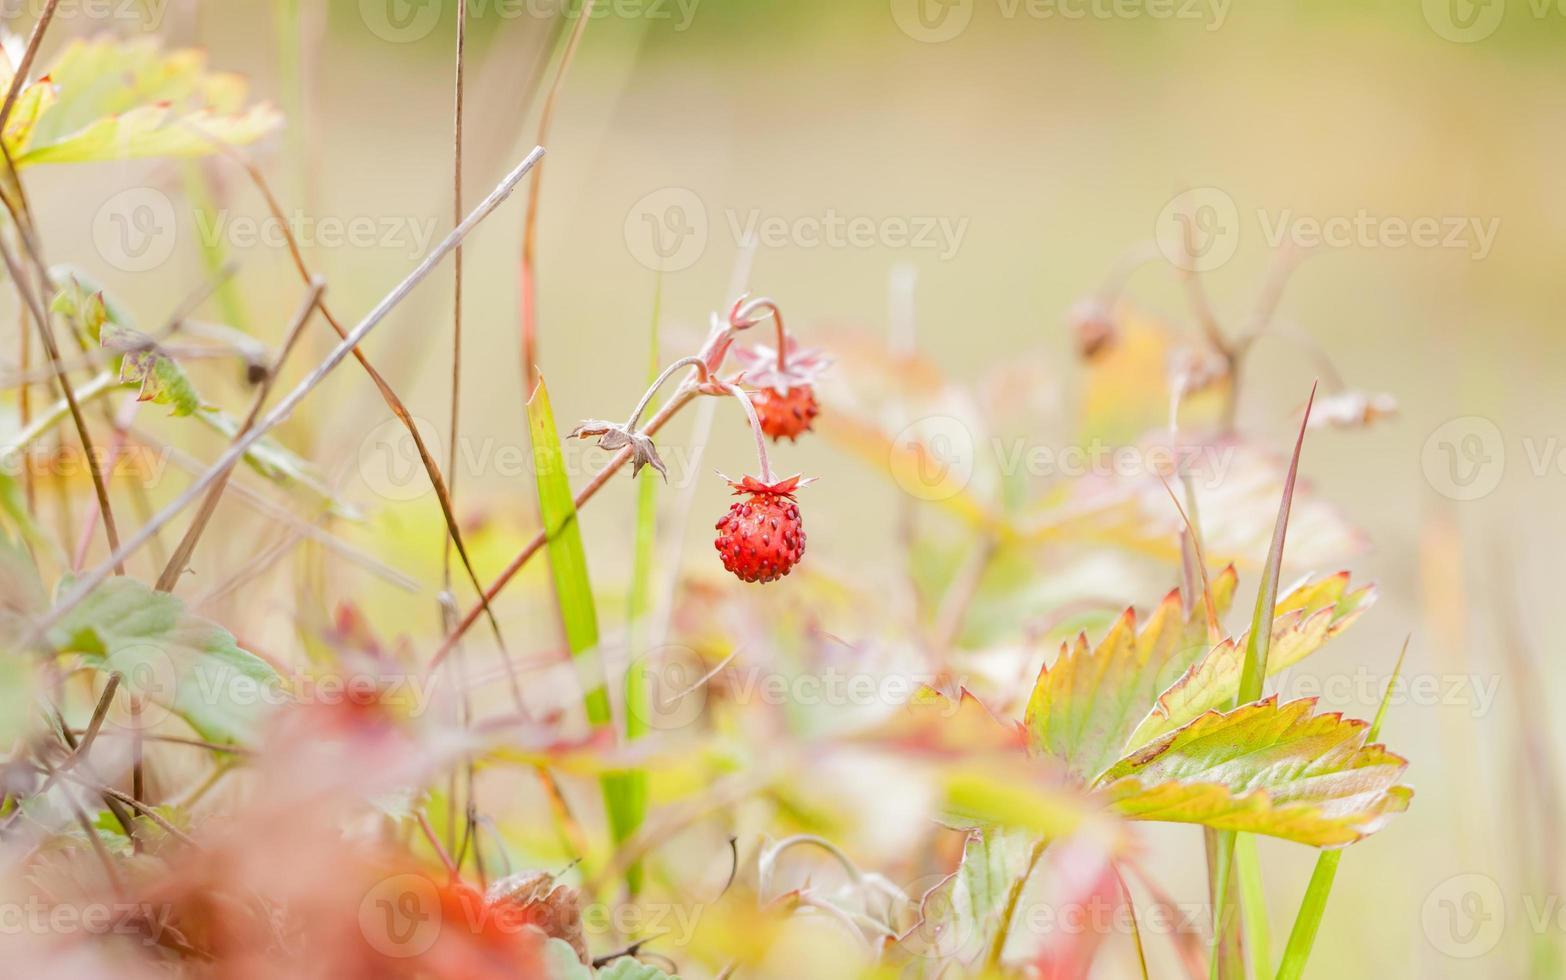 pequenos morangos silvestres na floresta foto